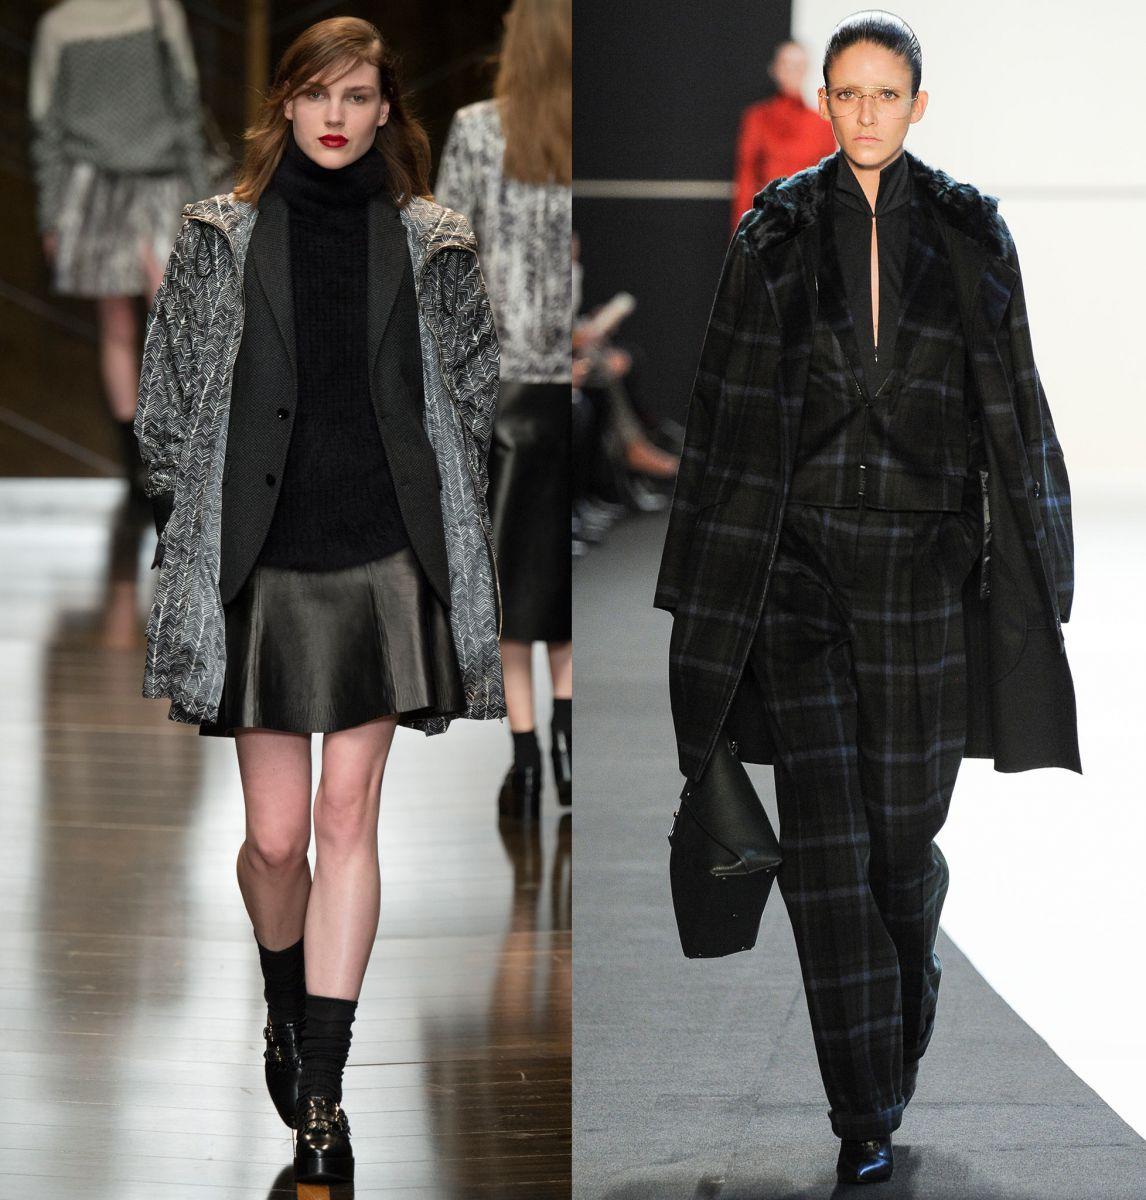 Зачем надевать два пальто одновременно